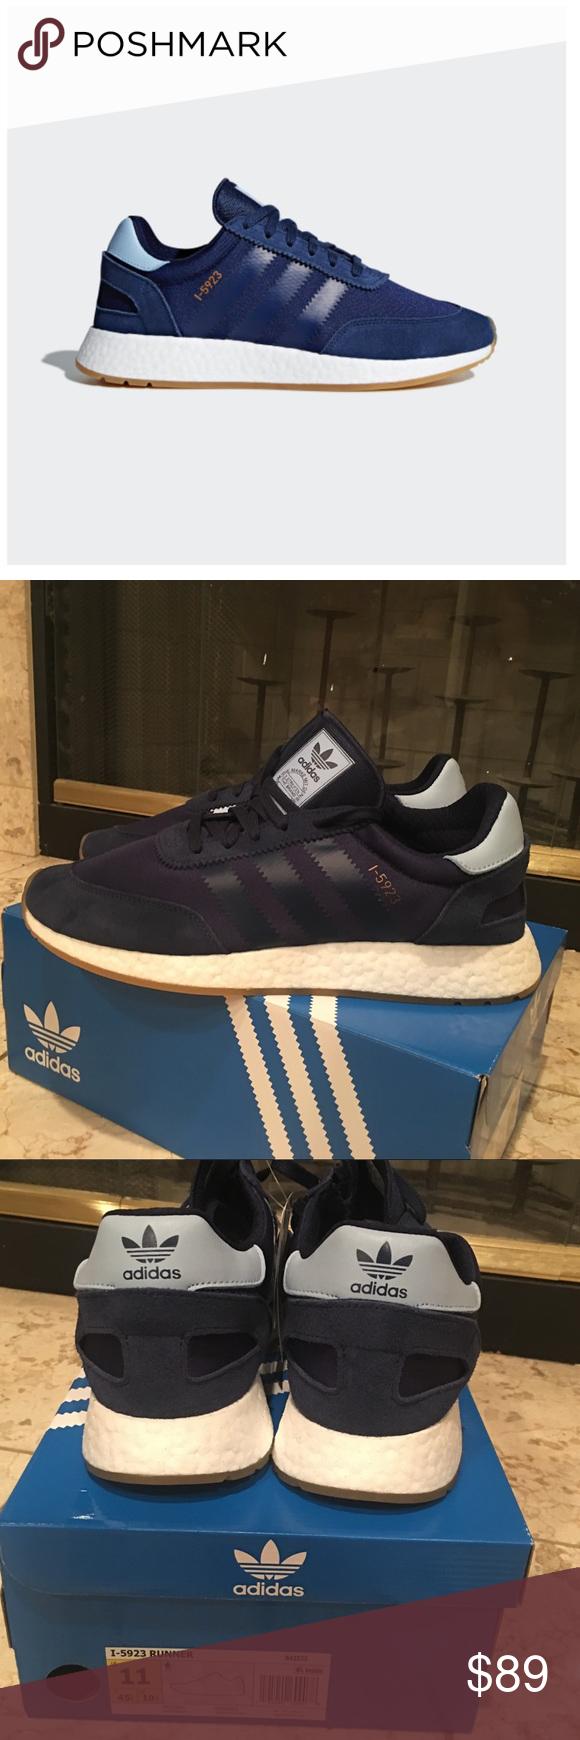 Adidas I-5923 Iniki Boost Runner - 10 1